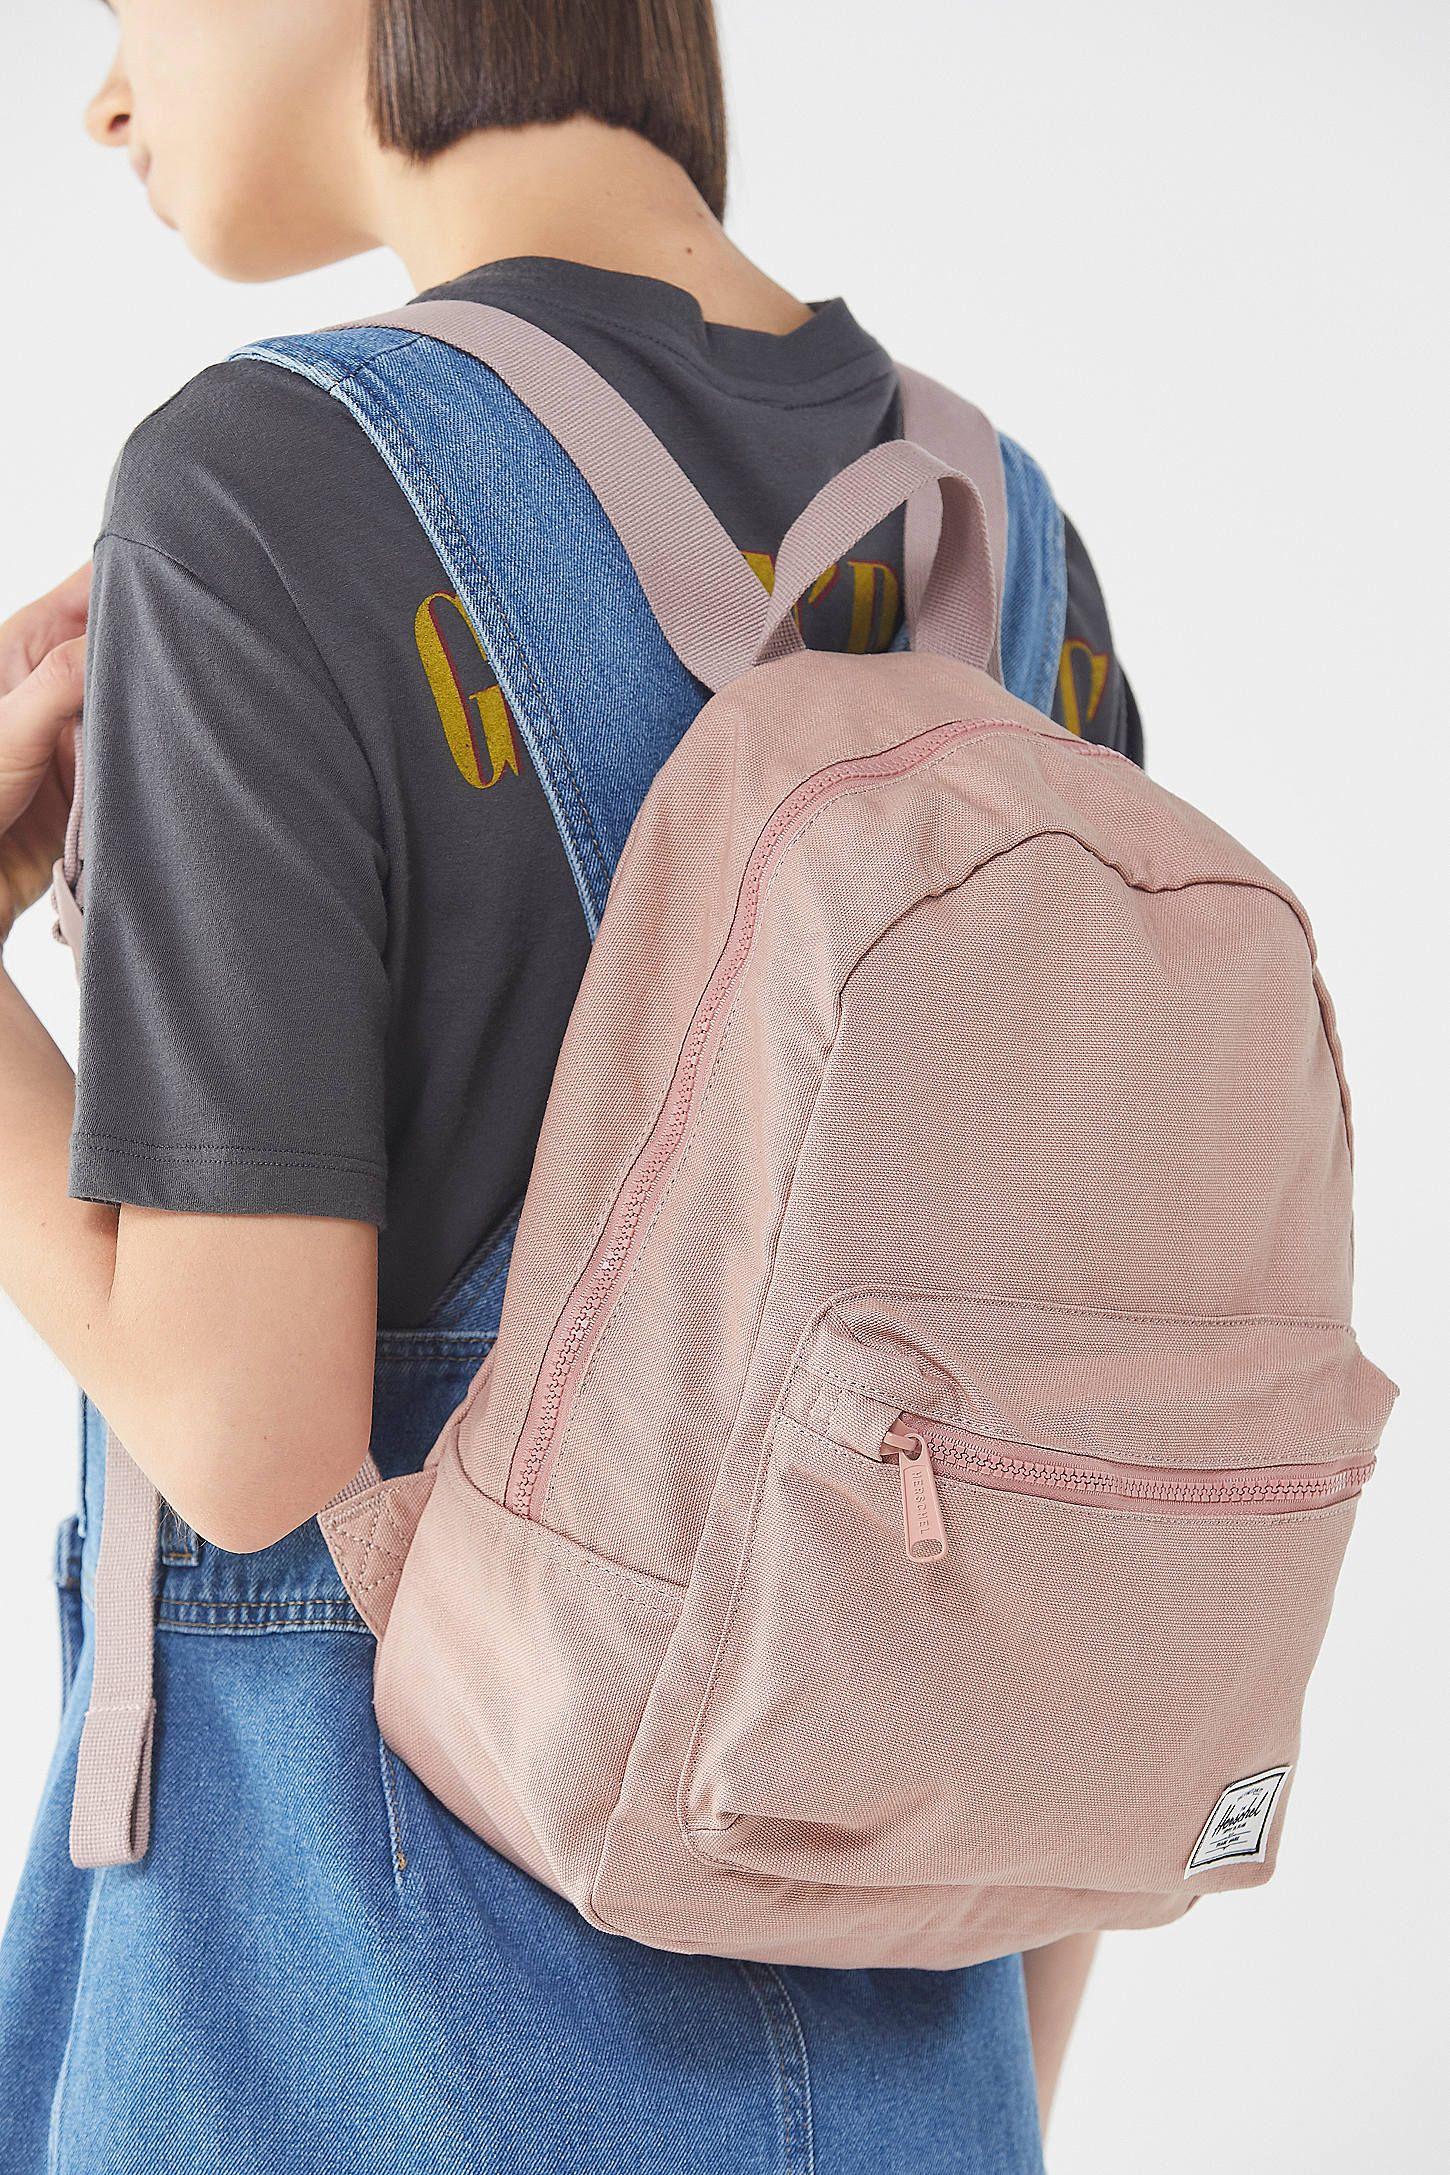 69a30a9d55d Herschel Supply Co. Grove X-Small Backpack